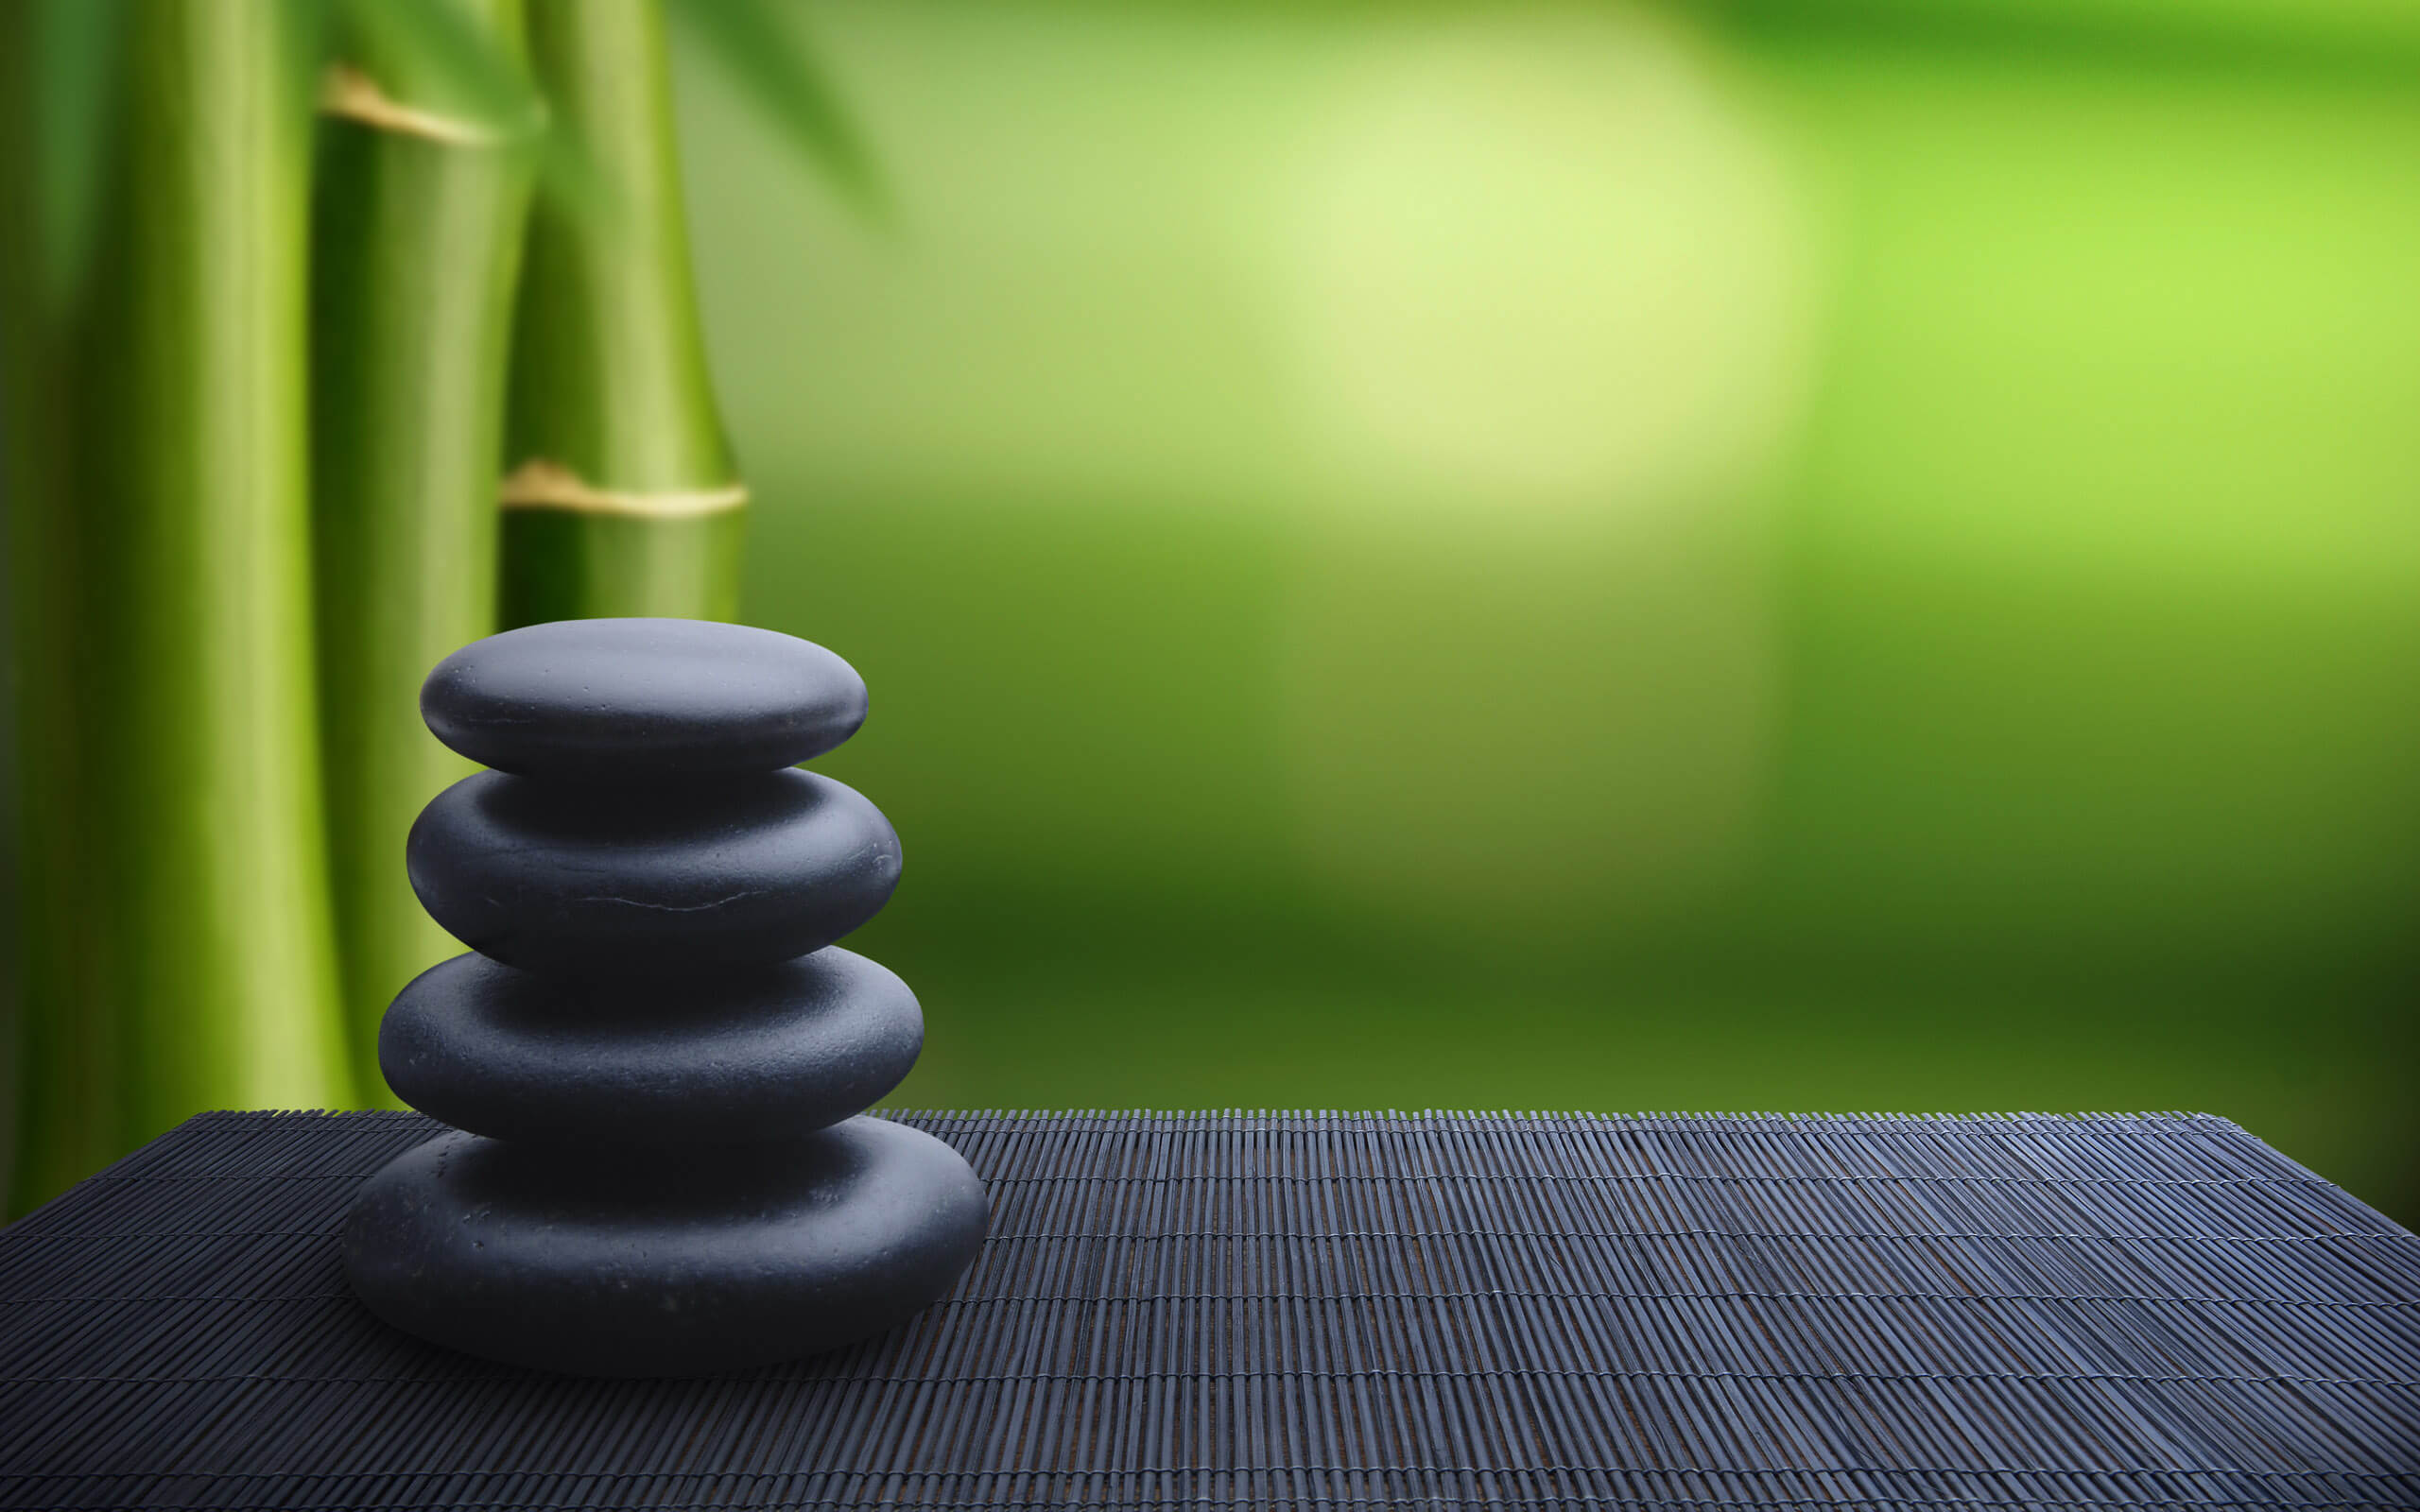 Meditación Y Salud, 10 Ejemplos De Cómo Mindfulness Te Ayuda A Prevenir Enfermedades